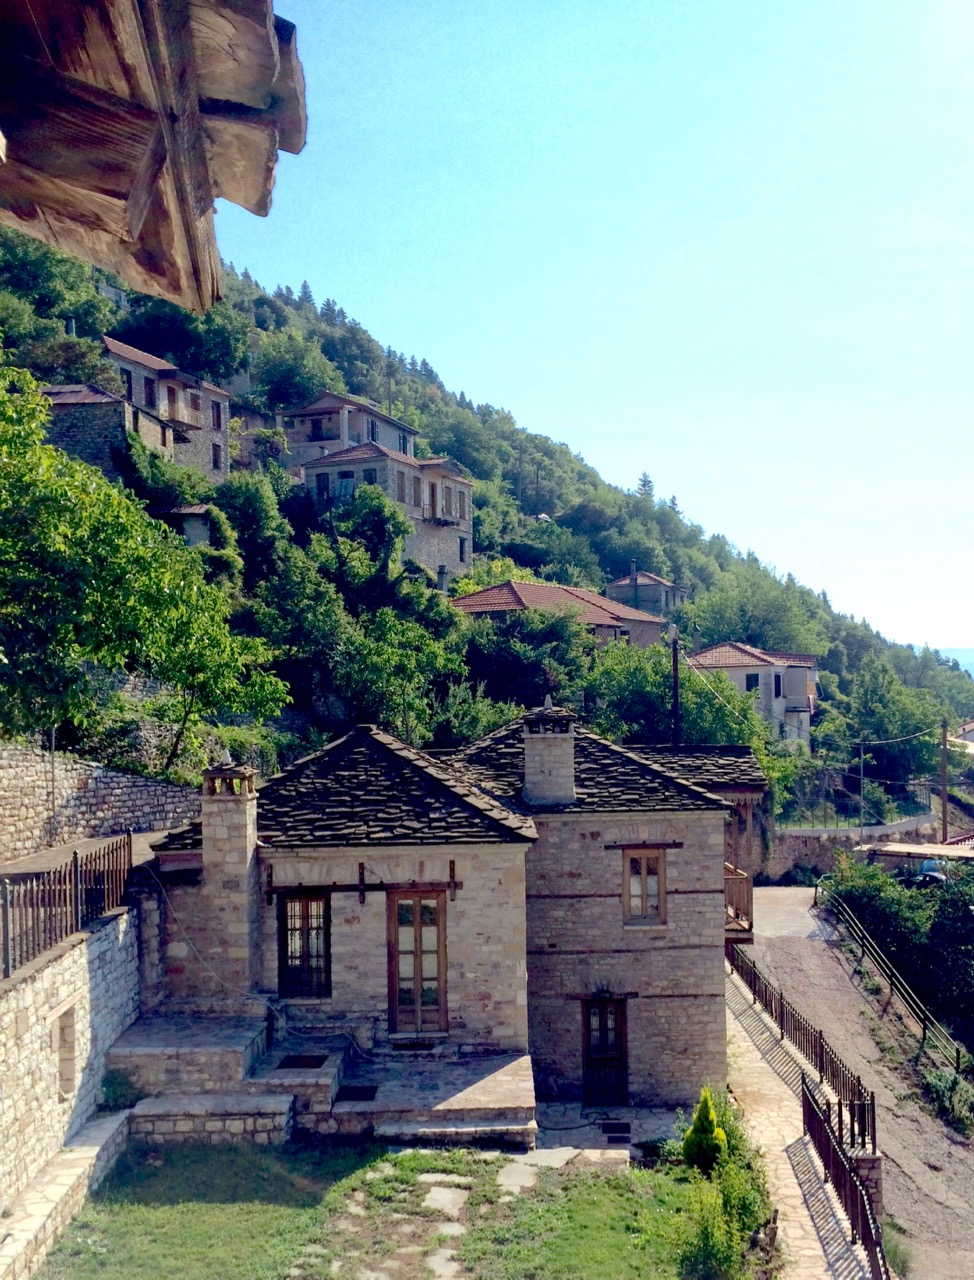 Οι Κορυσχάδες, πολύ κοντά στο Καρπενήσι, είναι από τα πιο παραδοσιακά χωριά, μέσα στο πράσινο και με όμορφη πλατεία, αλλά με περιορισμένες δυνατότητες για φαγητό και βόλτα.